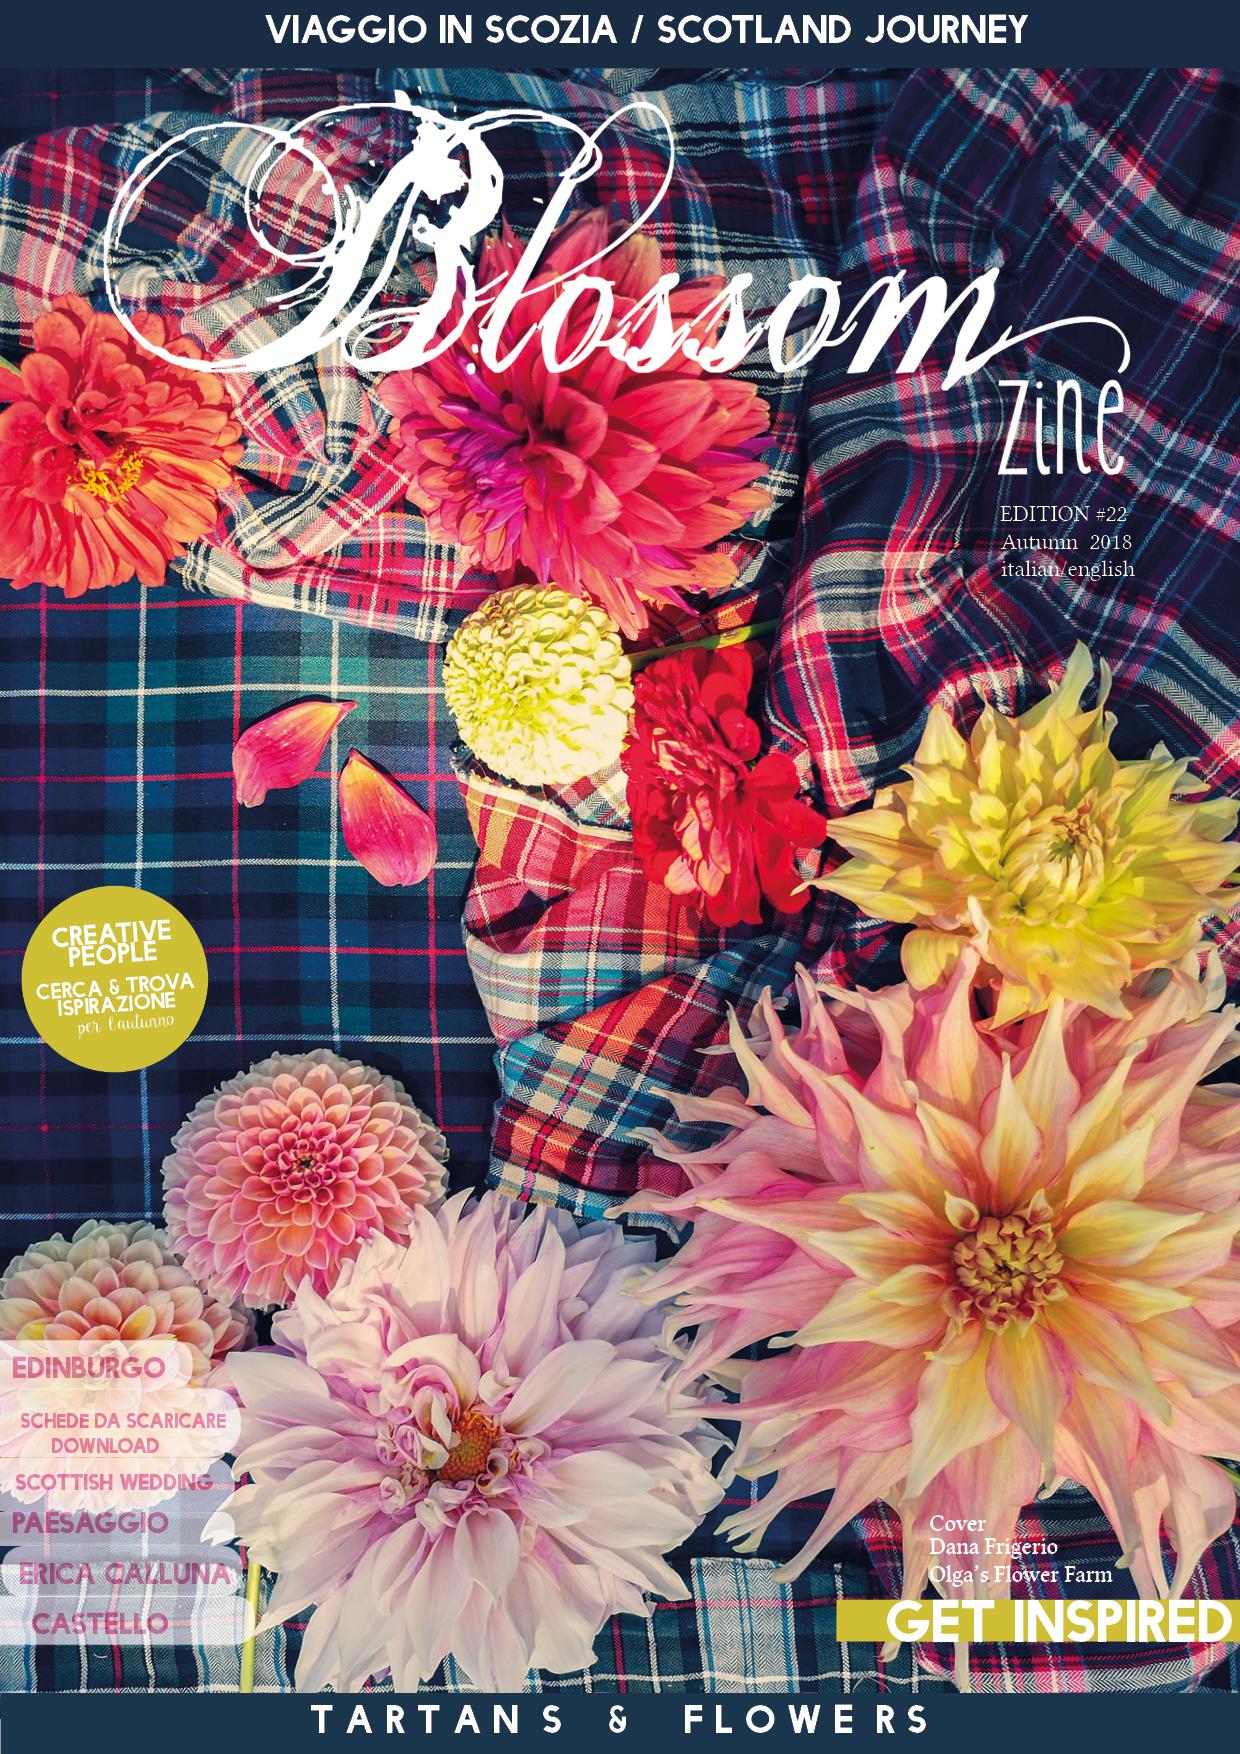 Blossom zine rivista di fiori e viaggi SFOGLIAMI dal PC o dal cellulare